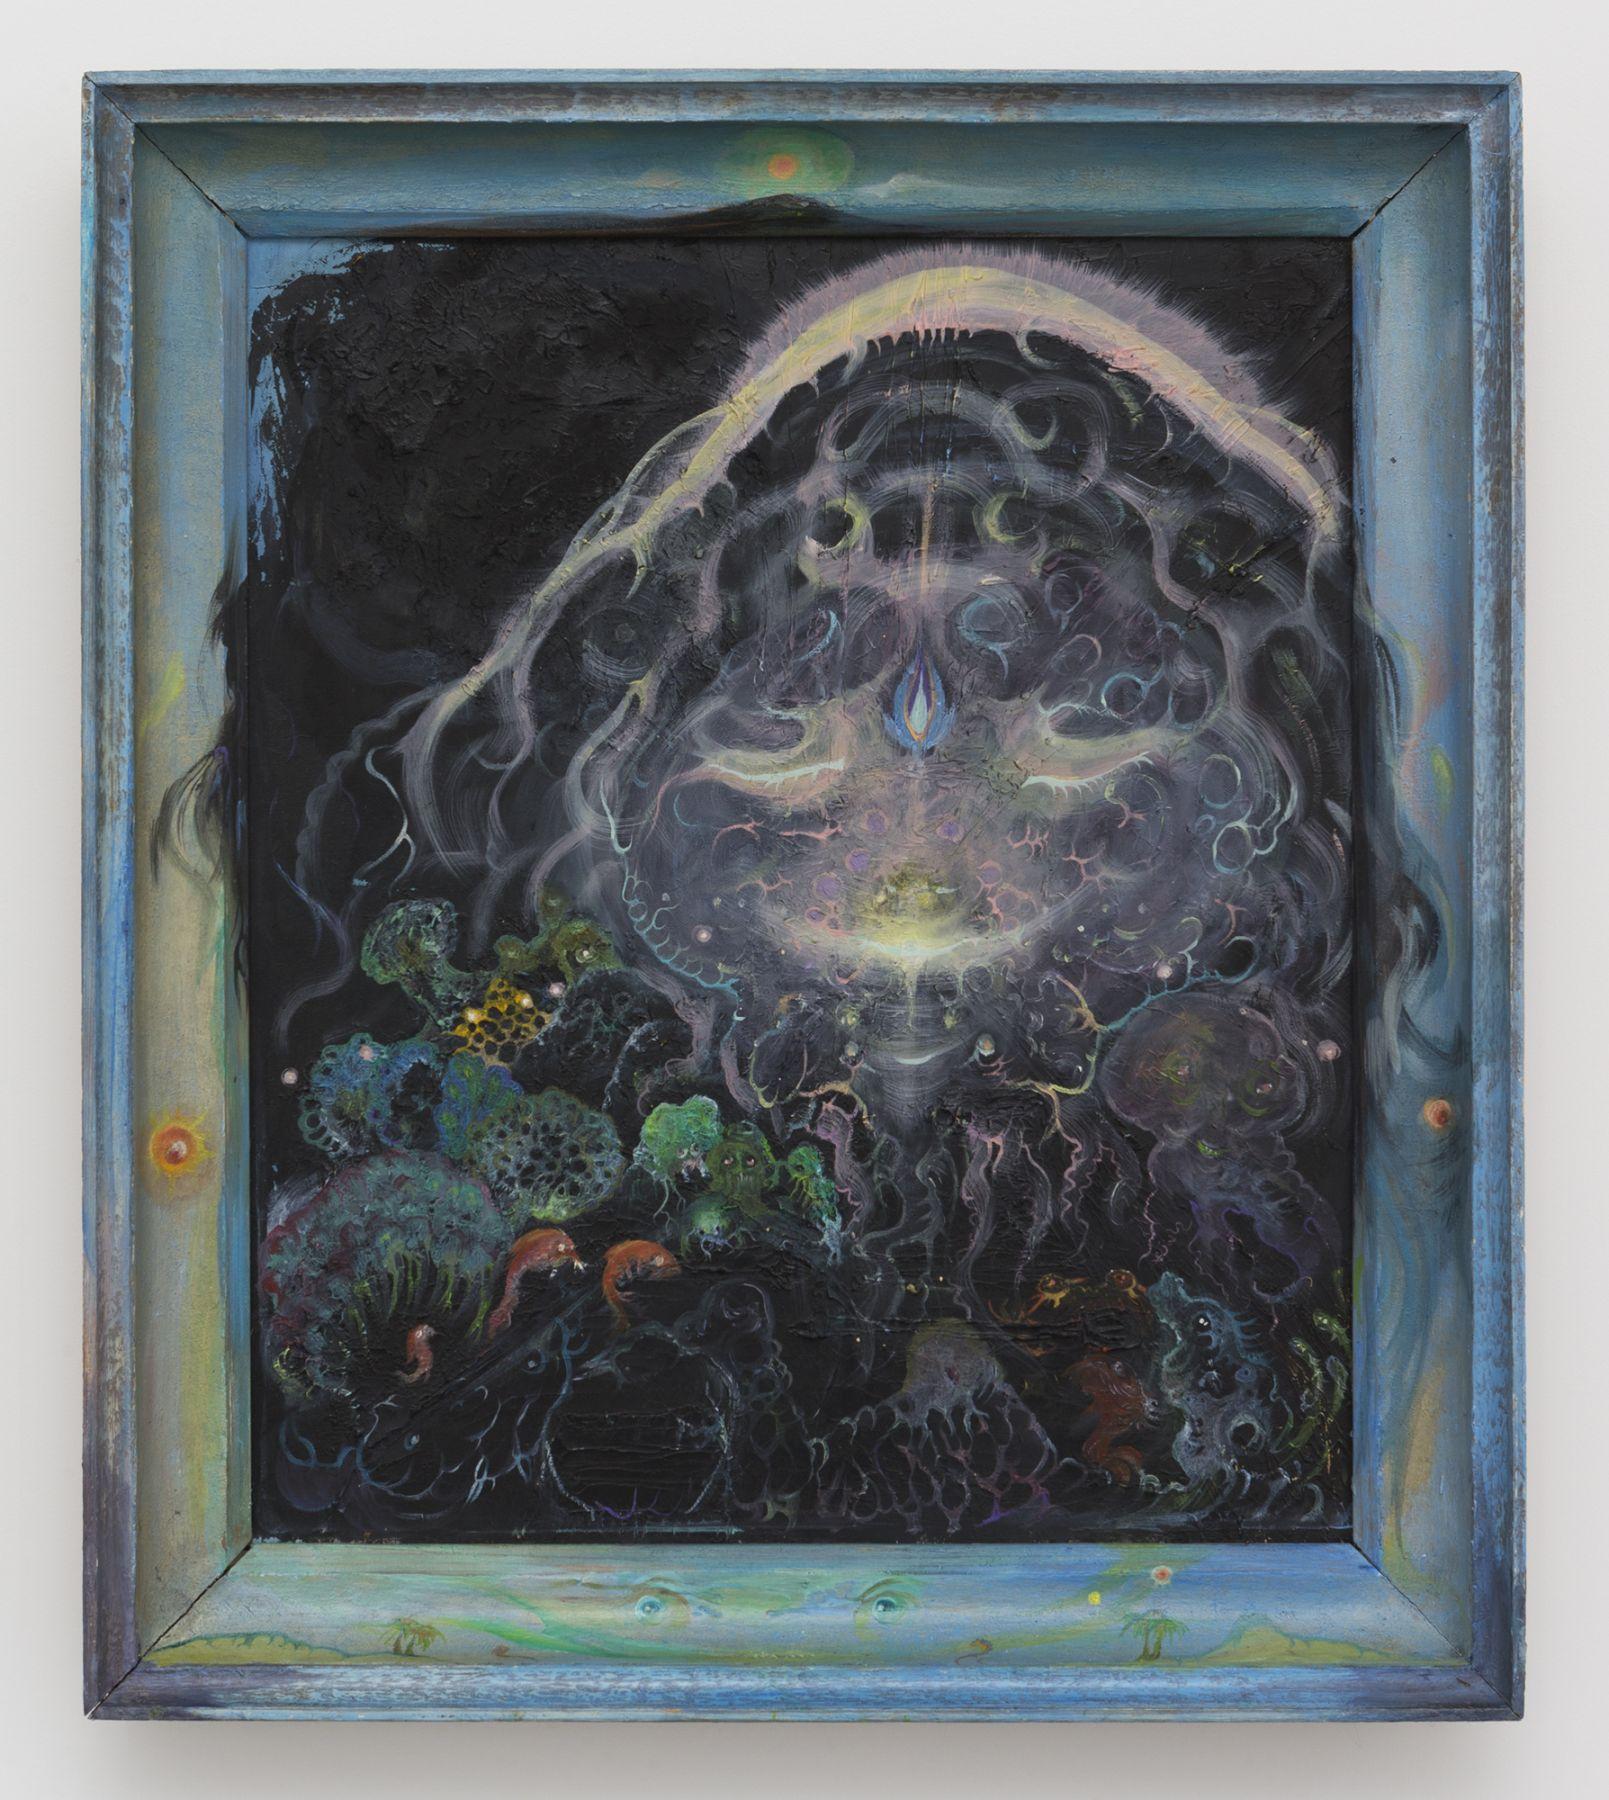 Vidya Gastaldon, Healing Painting (Marine monster)